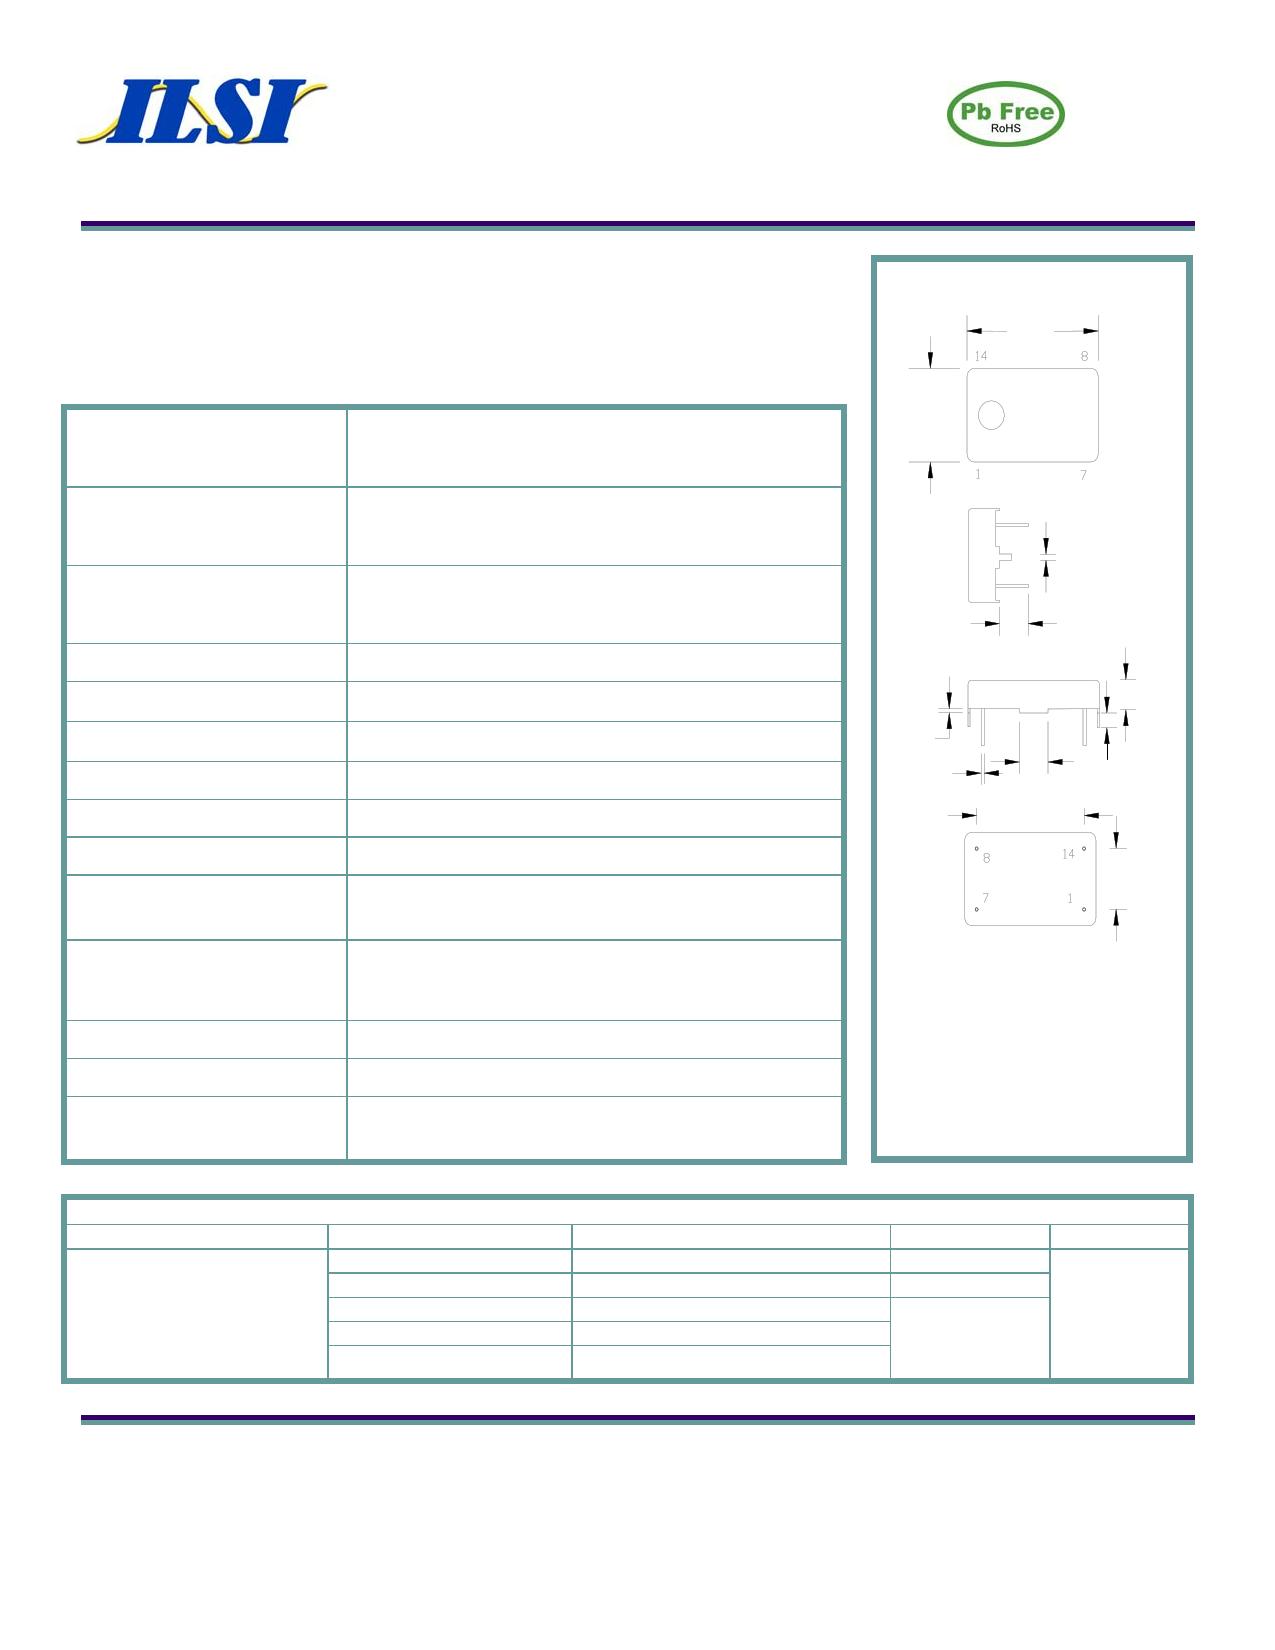 I121 datasheet